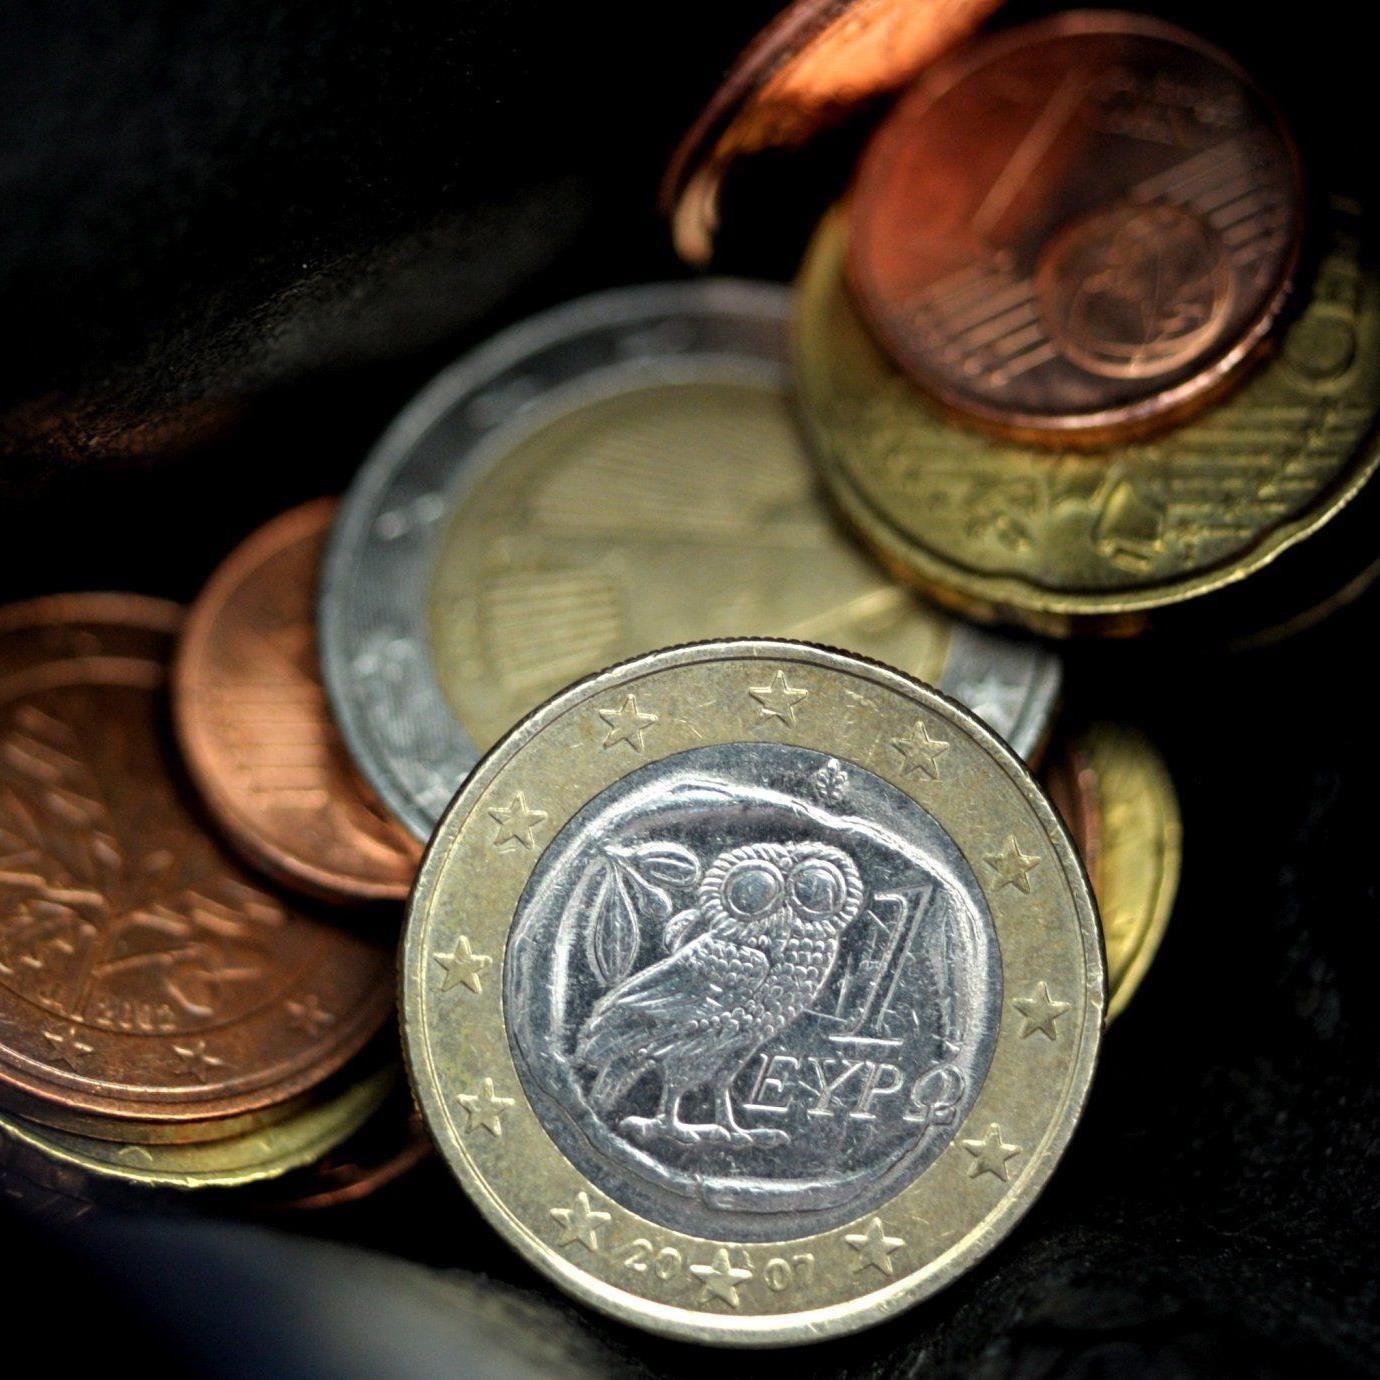 Euro profitiert nicht von vorläufiger Einigung in Griechenland.